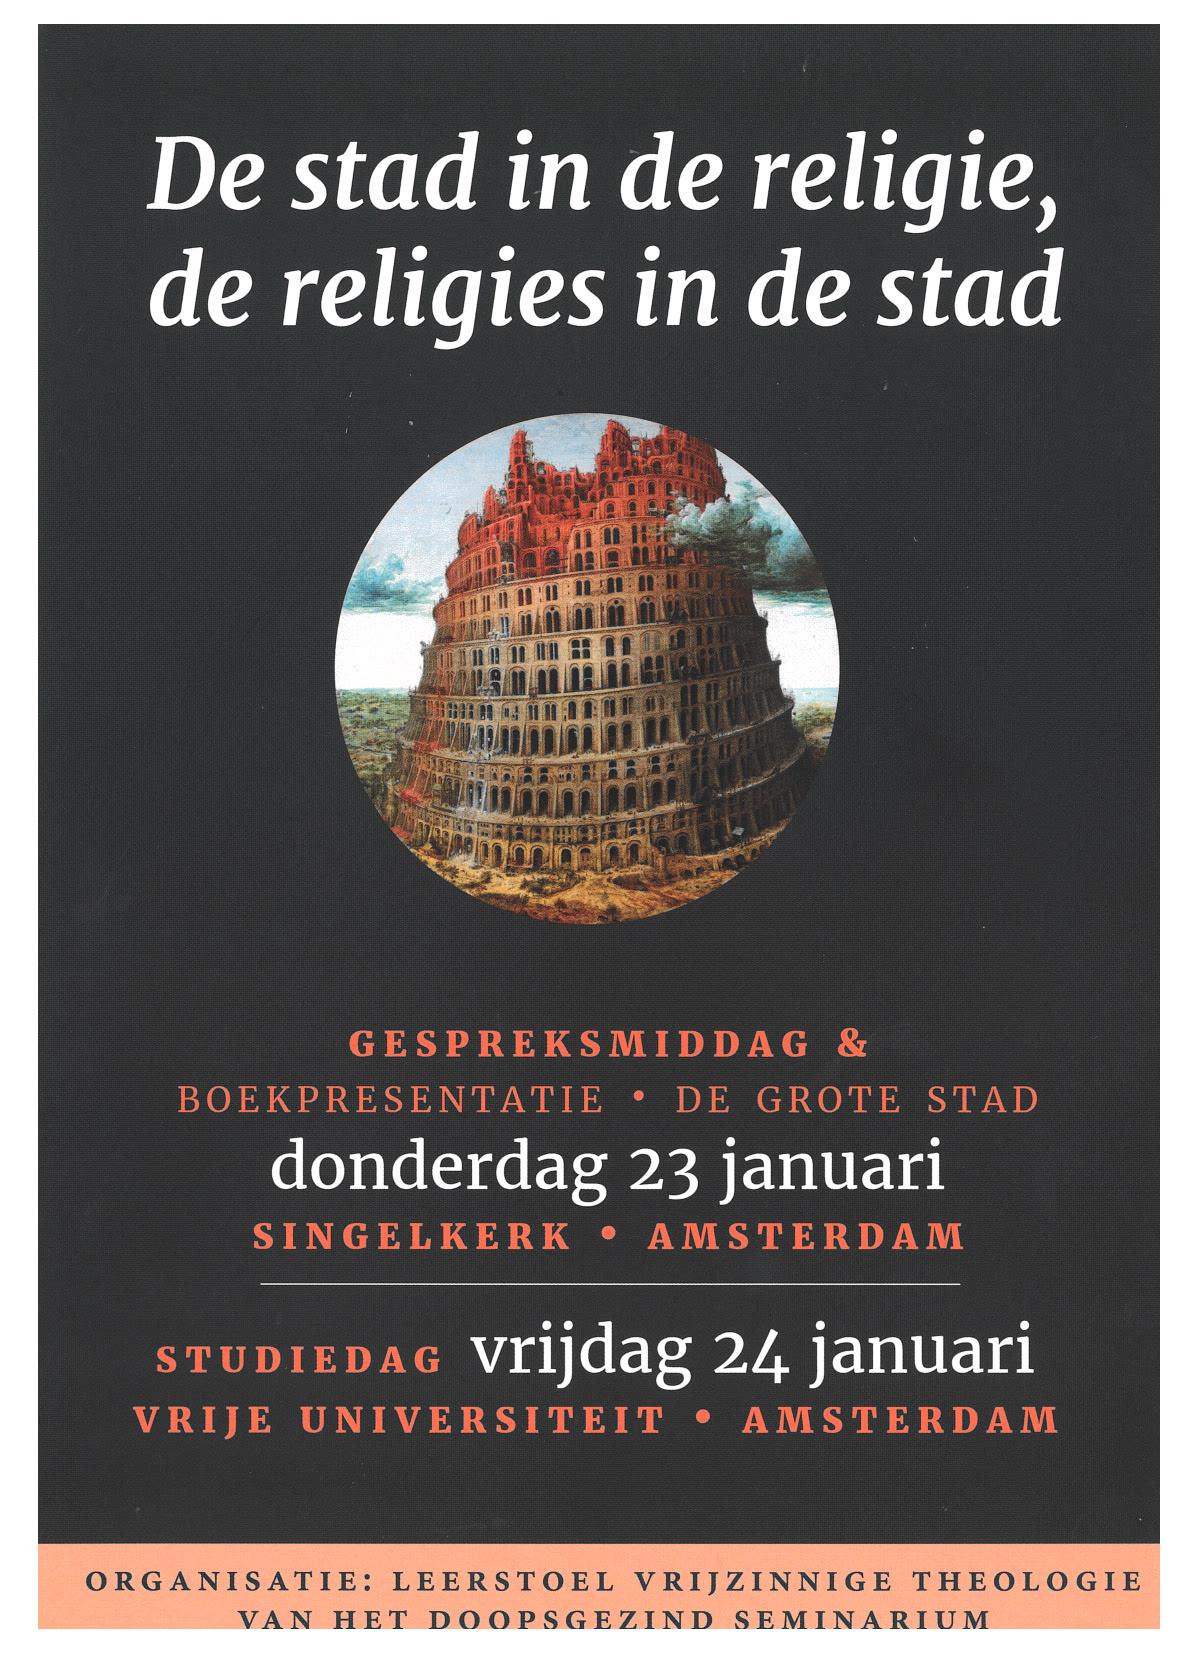 De stad in religies en religies in de stad